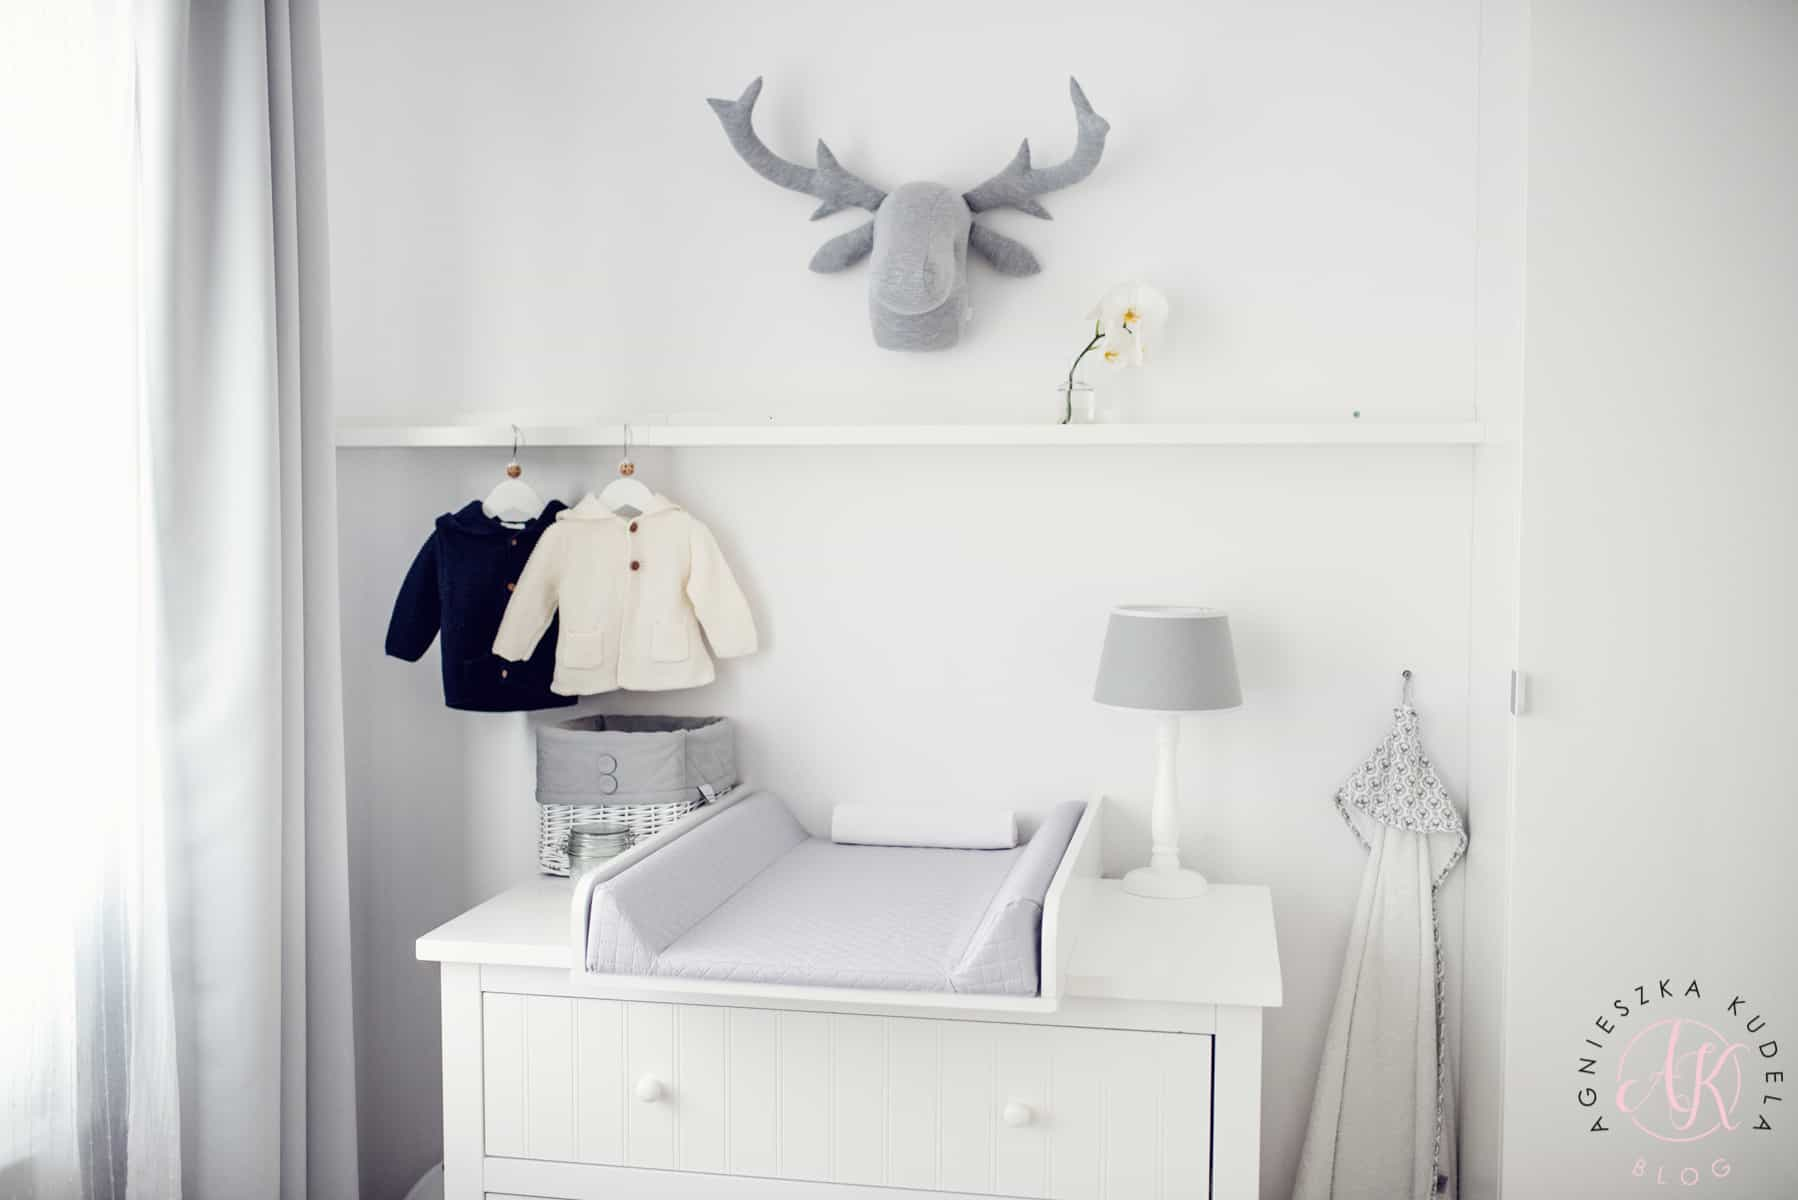 pokój dziecięcy biało-szary